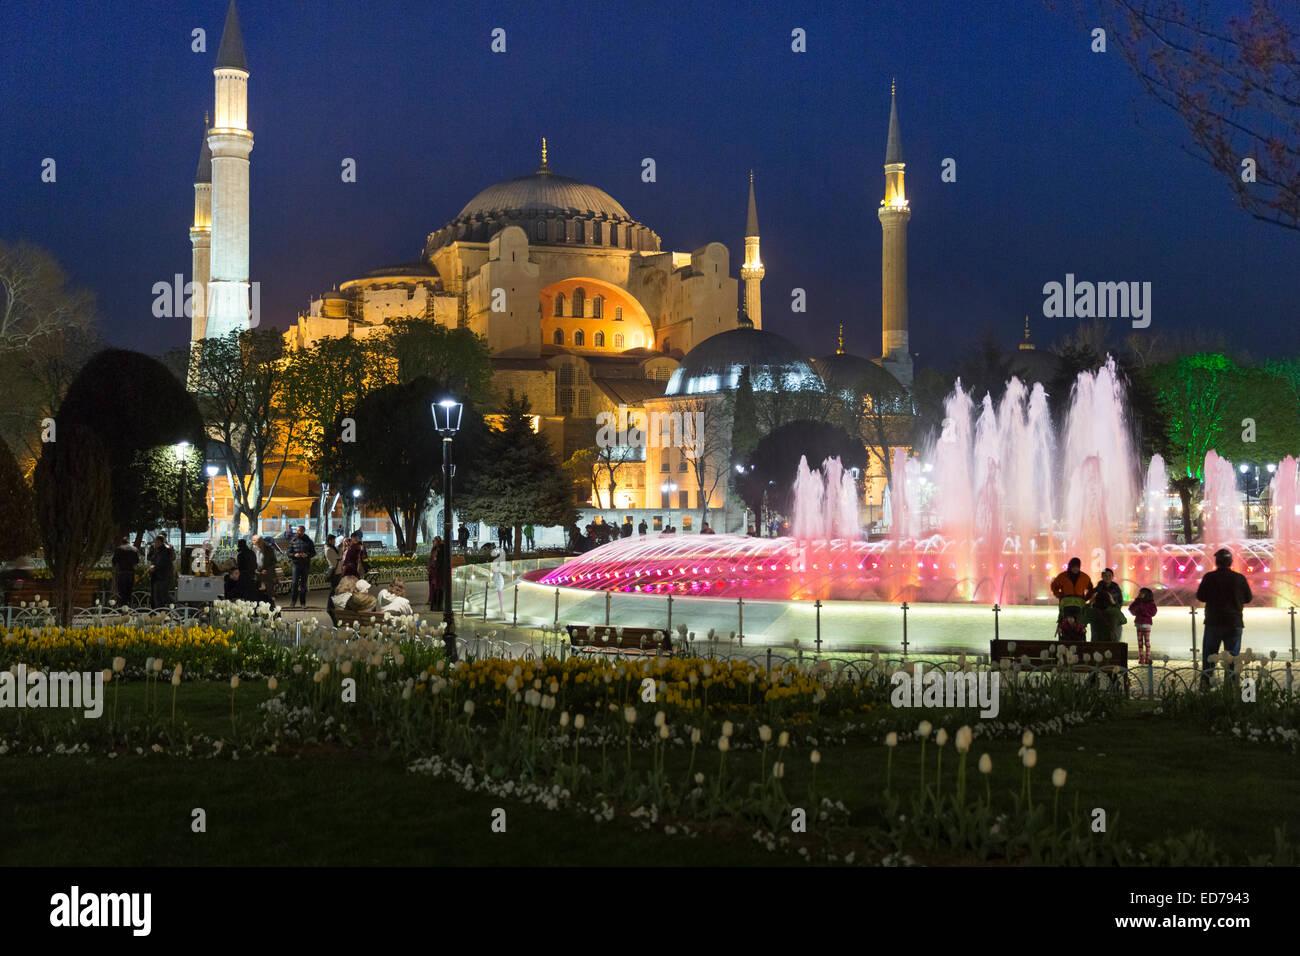 Sainte-sophie mosquée musulmane museum et Hippodrome Atmeydani fontaine illuminée la nuit, Istanbul, Turquie Photo Stock